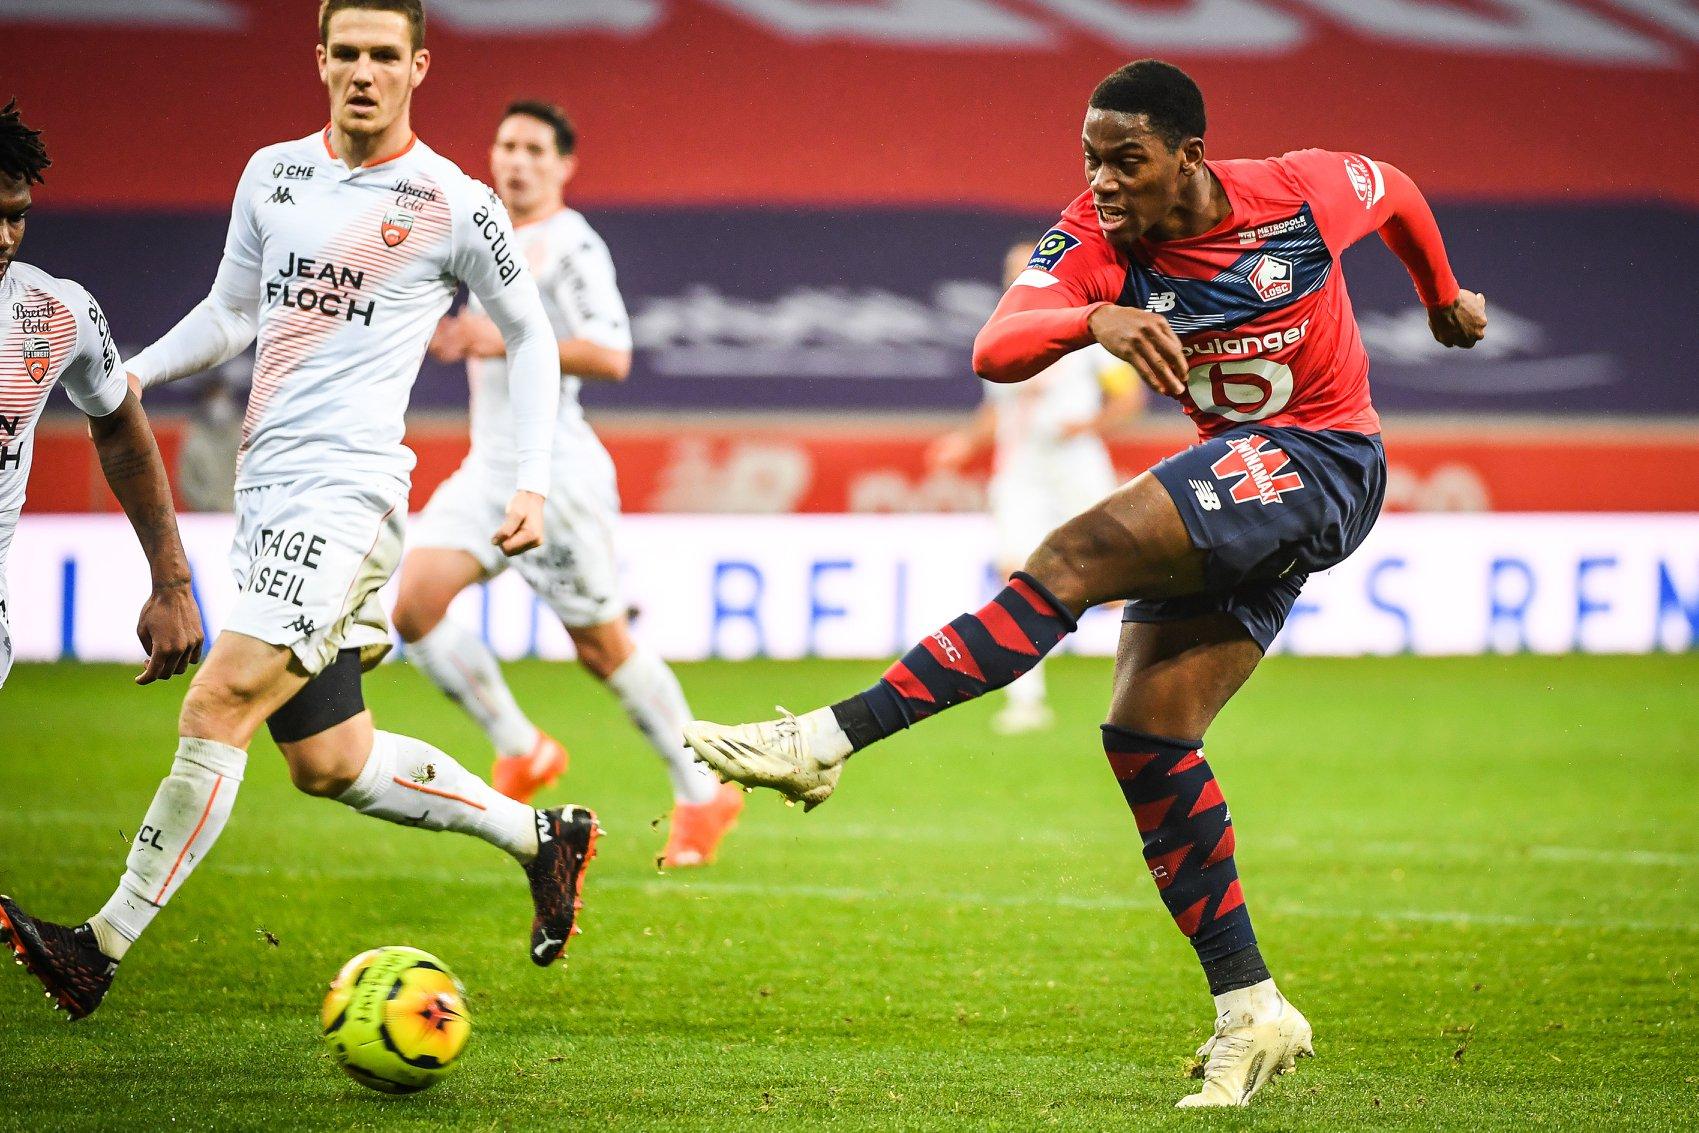 Soi kèo Lille vs Sparta Praha, 00h55 ngày 4/12, Cúp C2 châu Âu